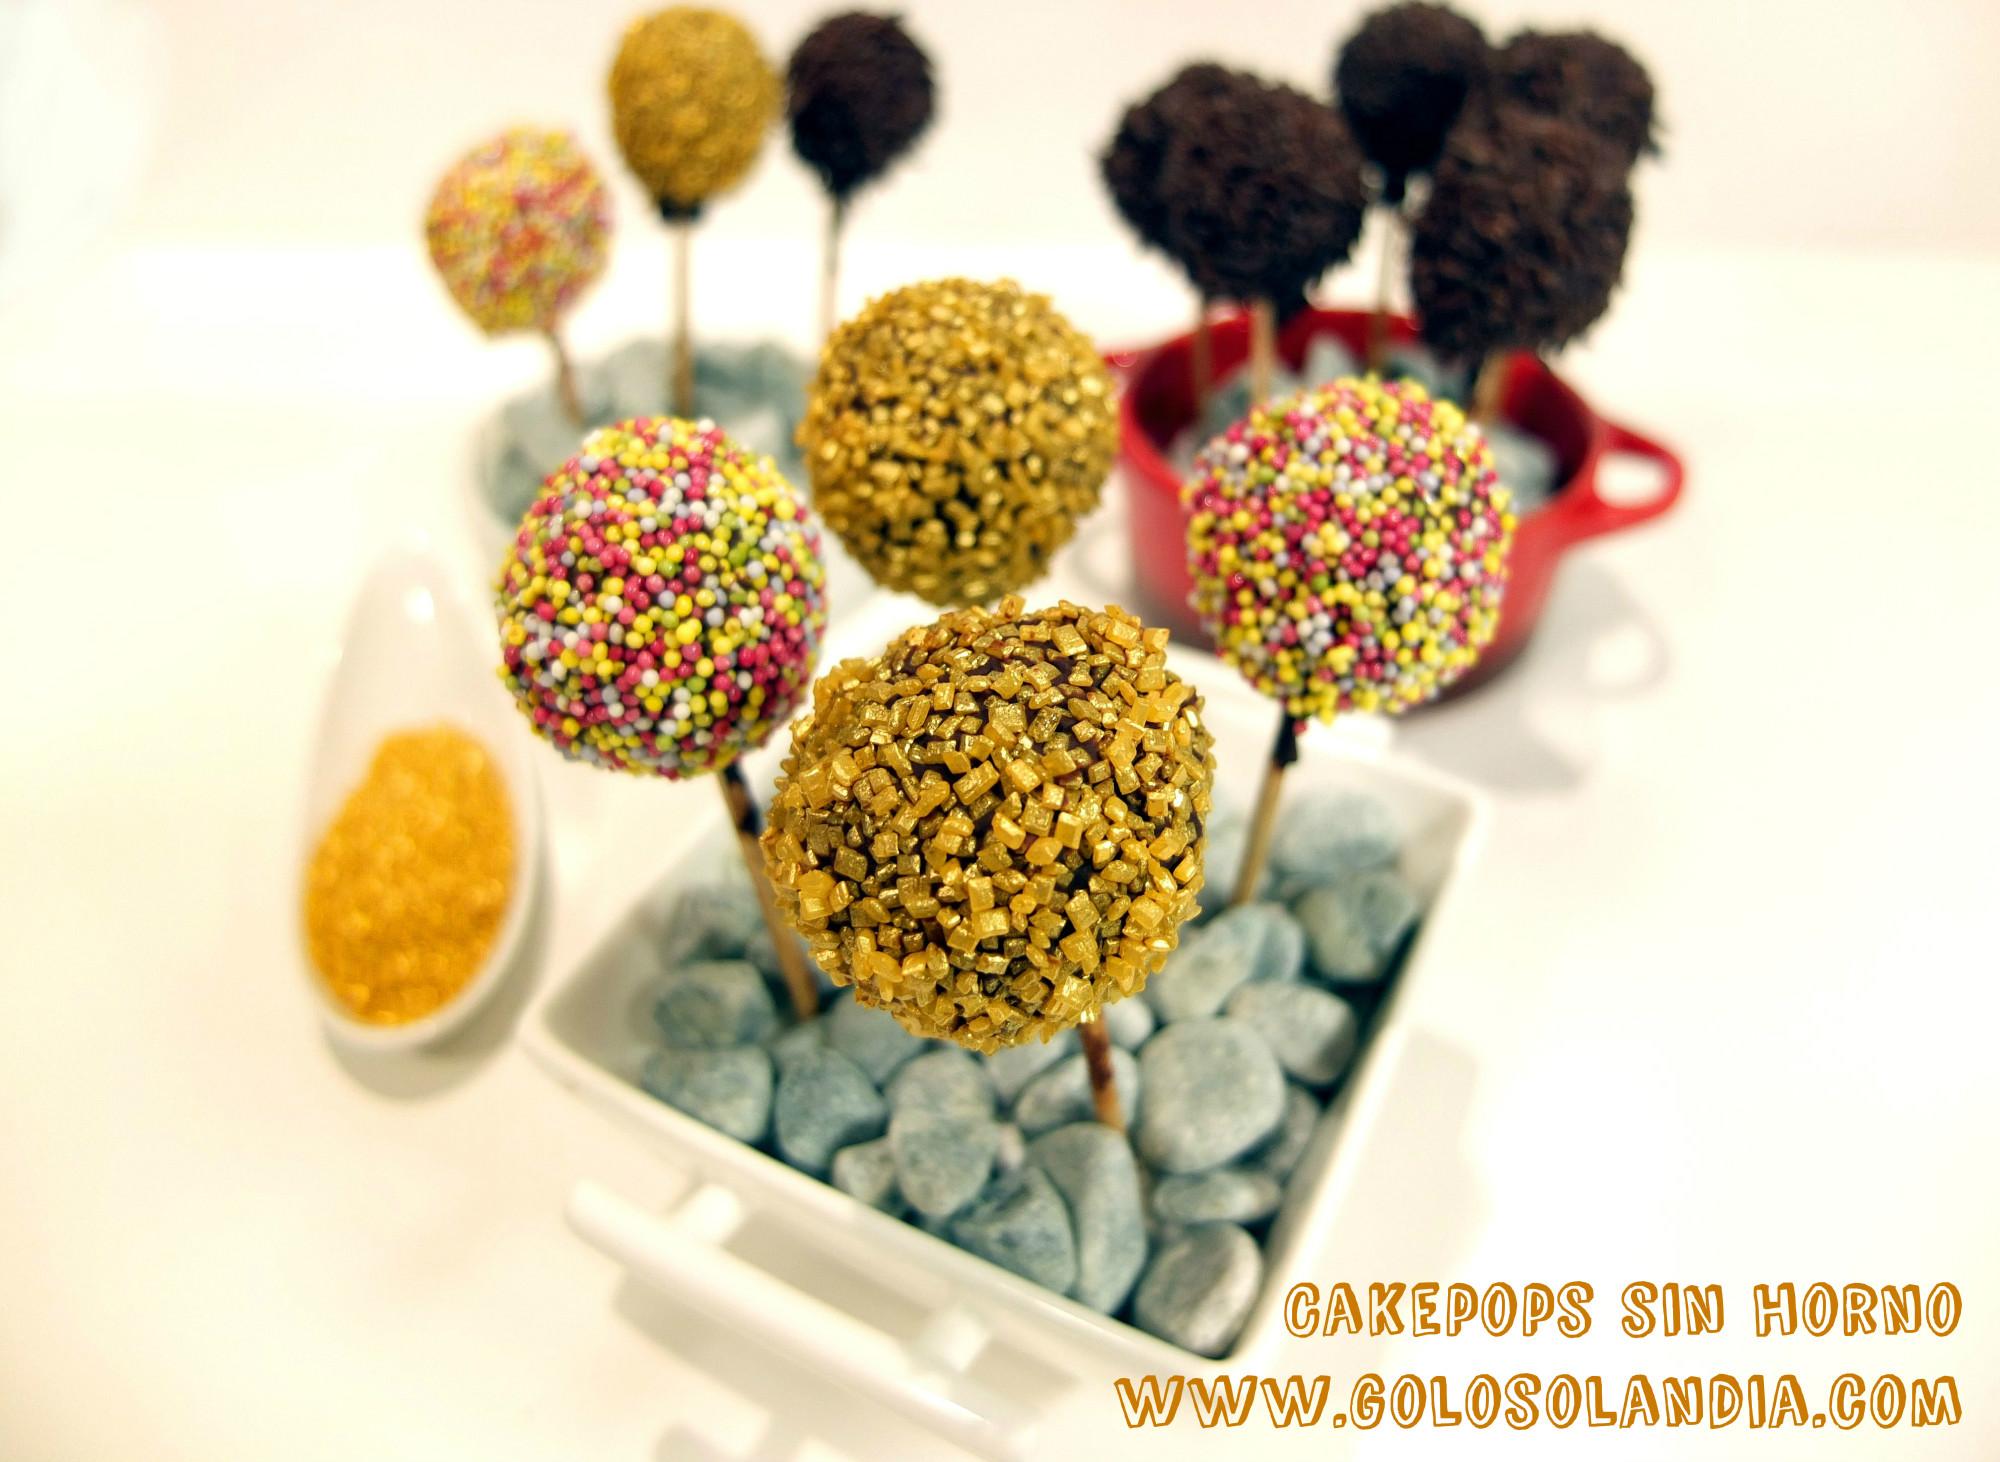 Cakepops sin horno